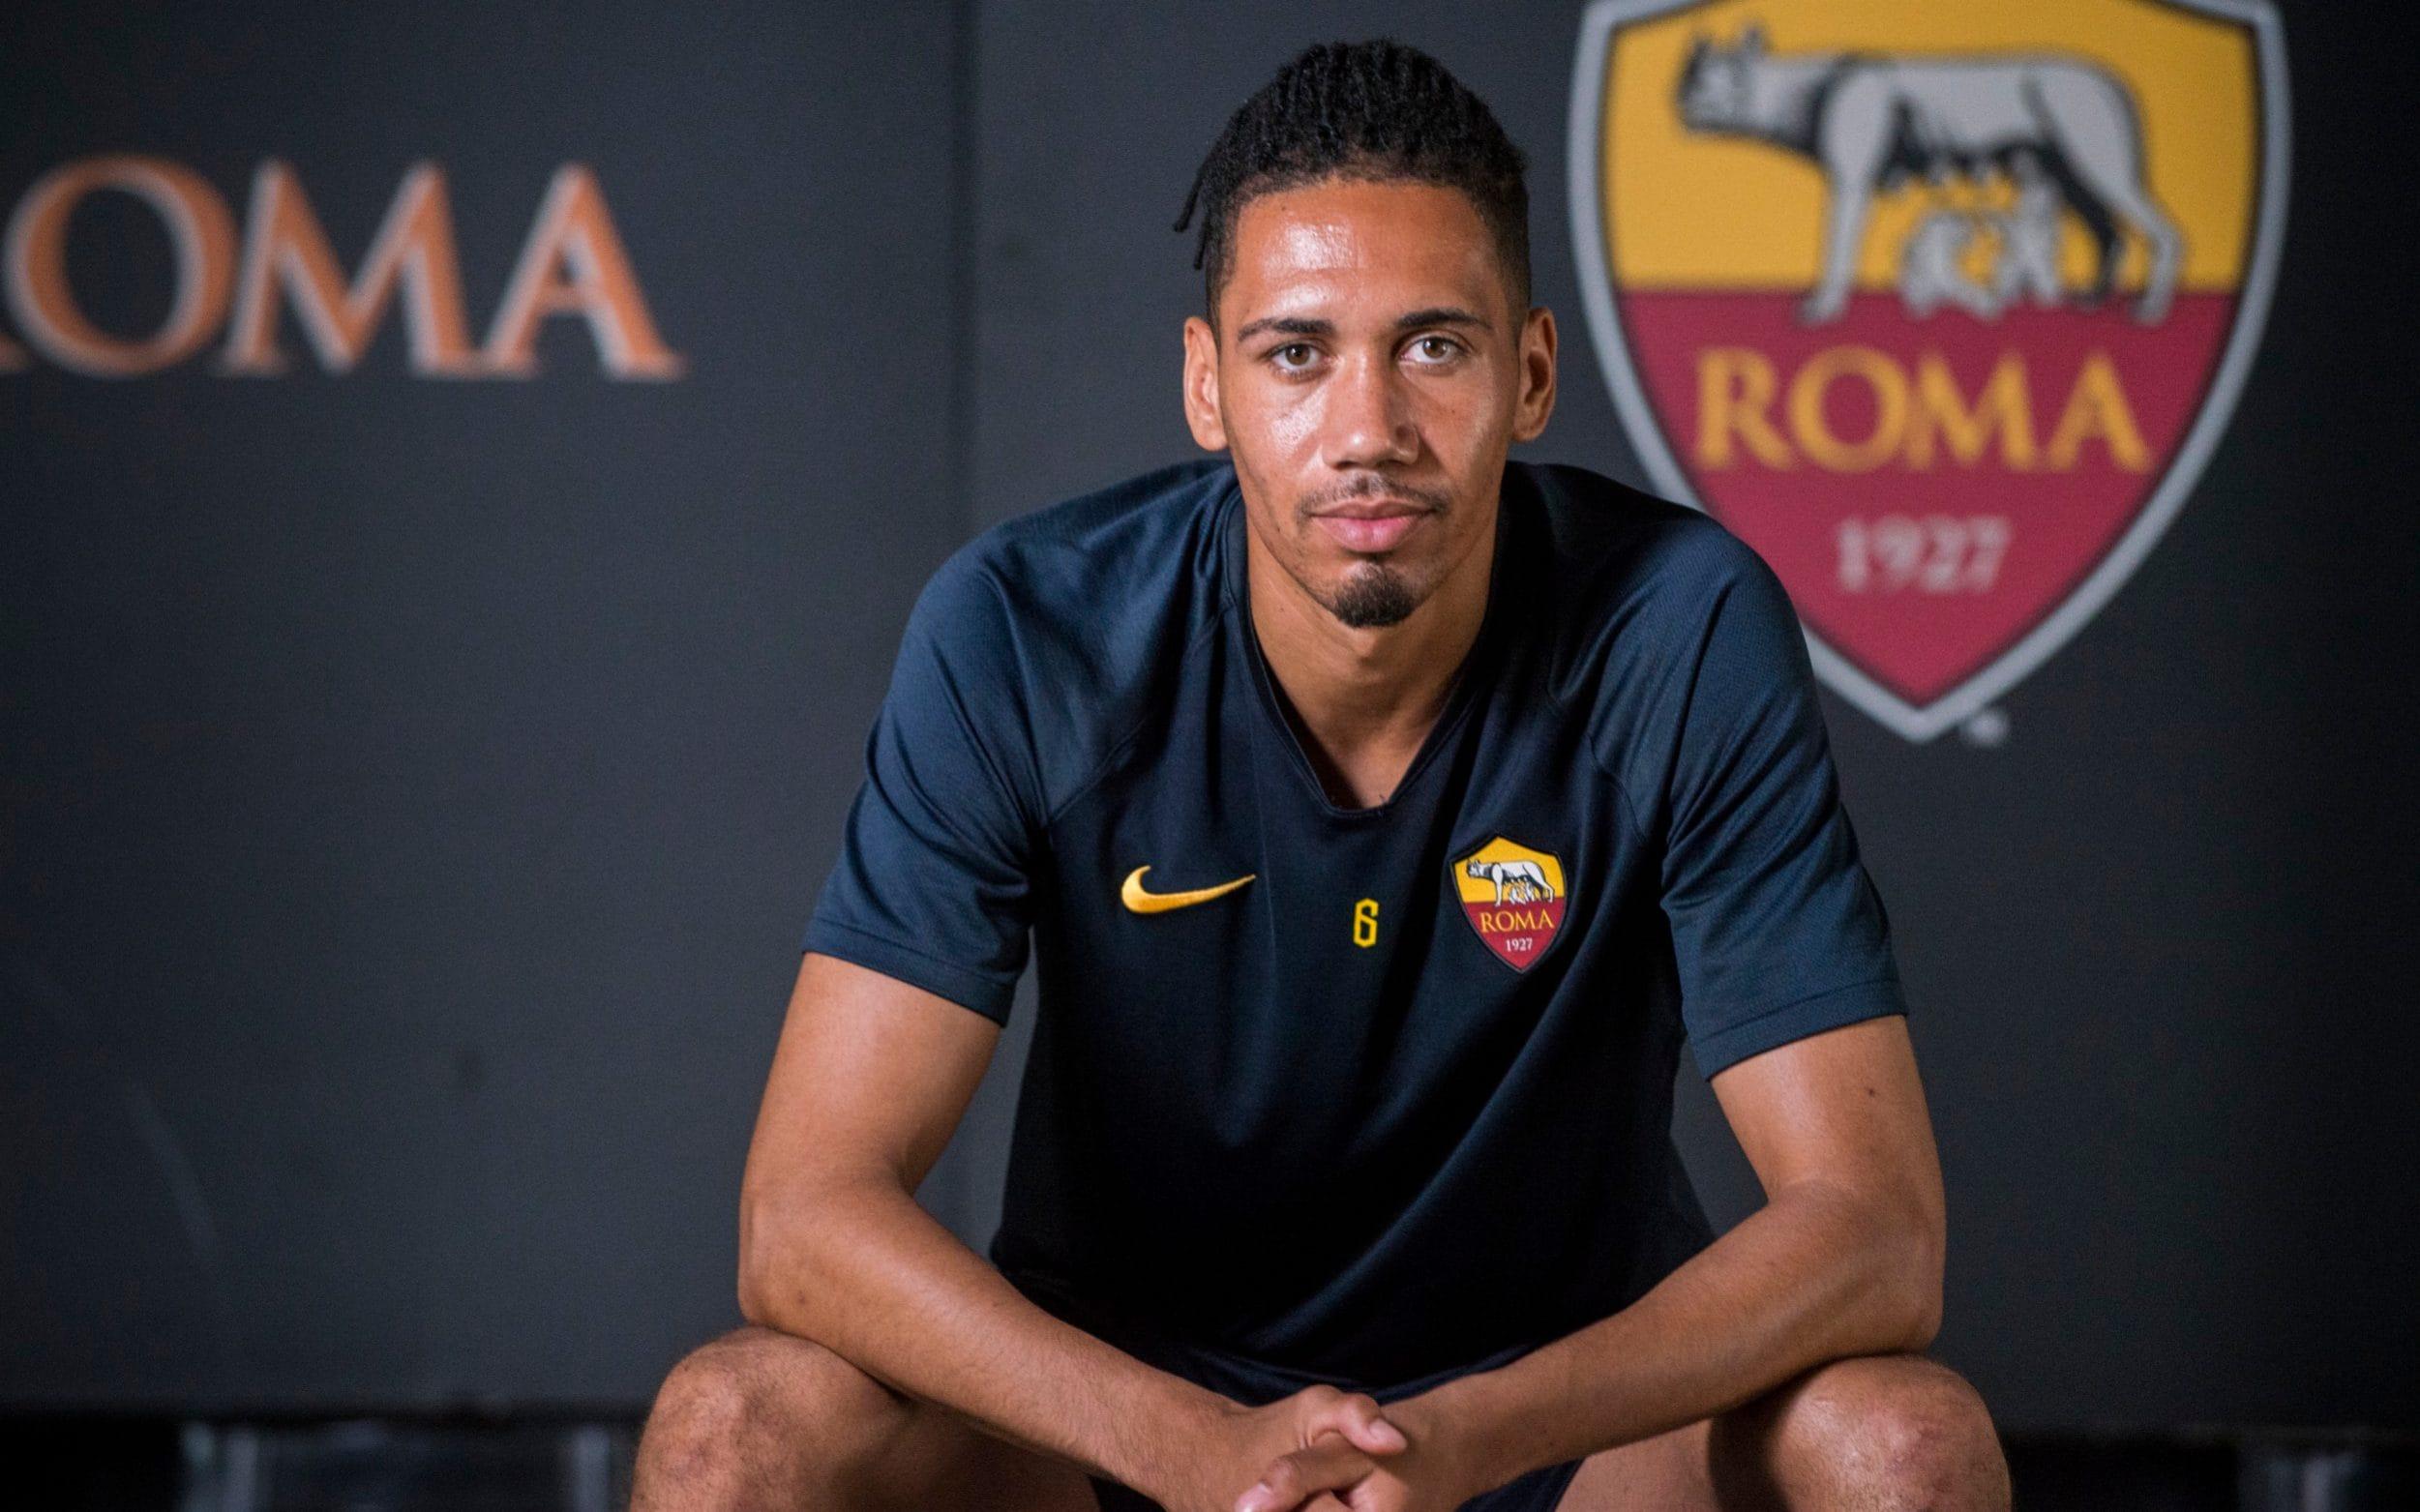 Sky Sports Italia: Крис Смолинг продължава в Рома 1